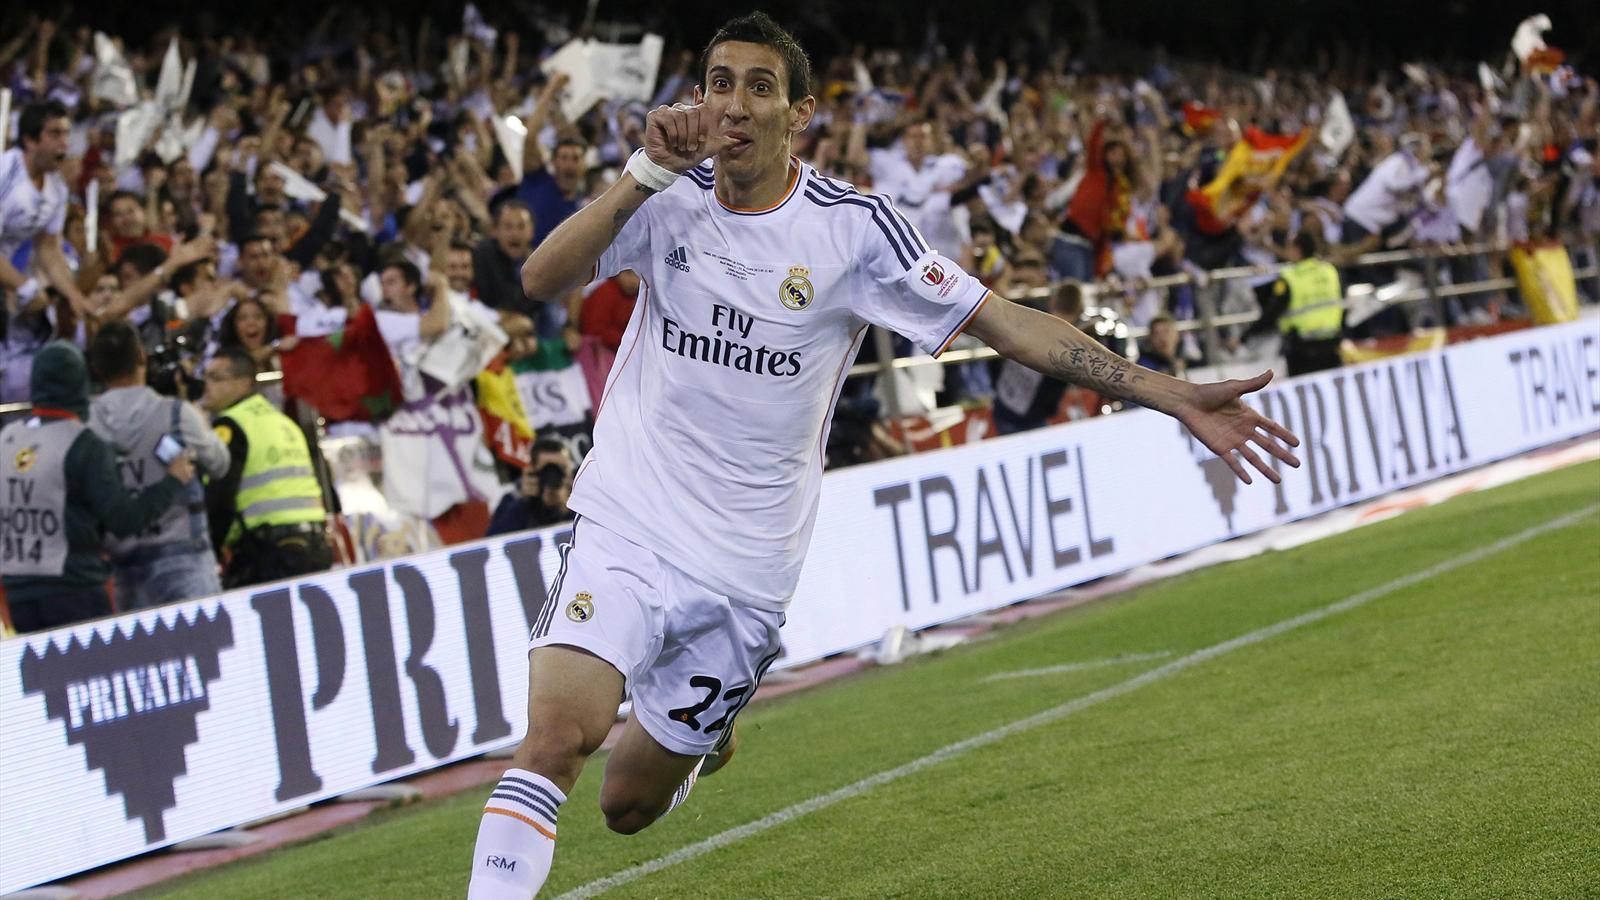 Di Maria (Real Madrid) fête son but face au FC Barcelone en finale de la Coupe du Roi 2014